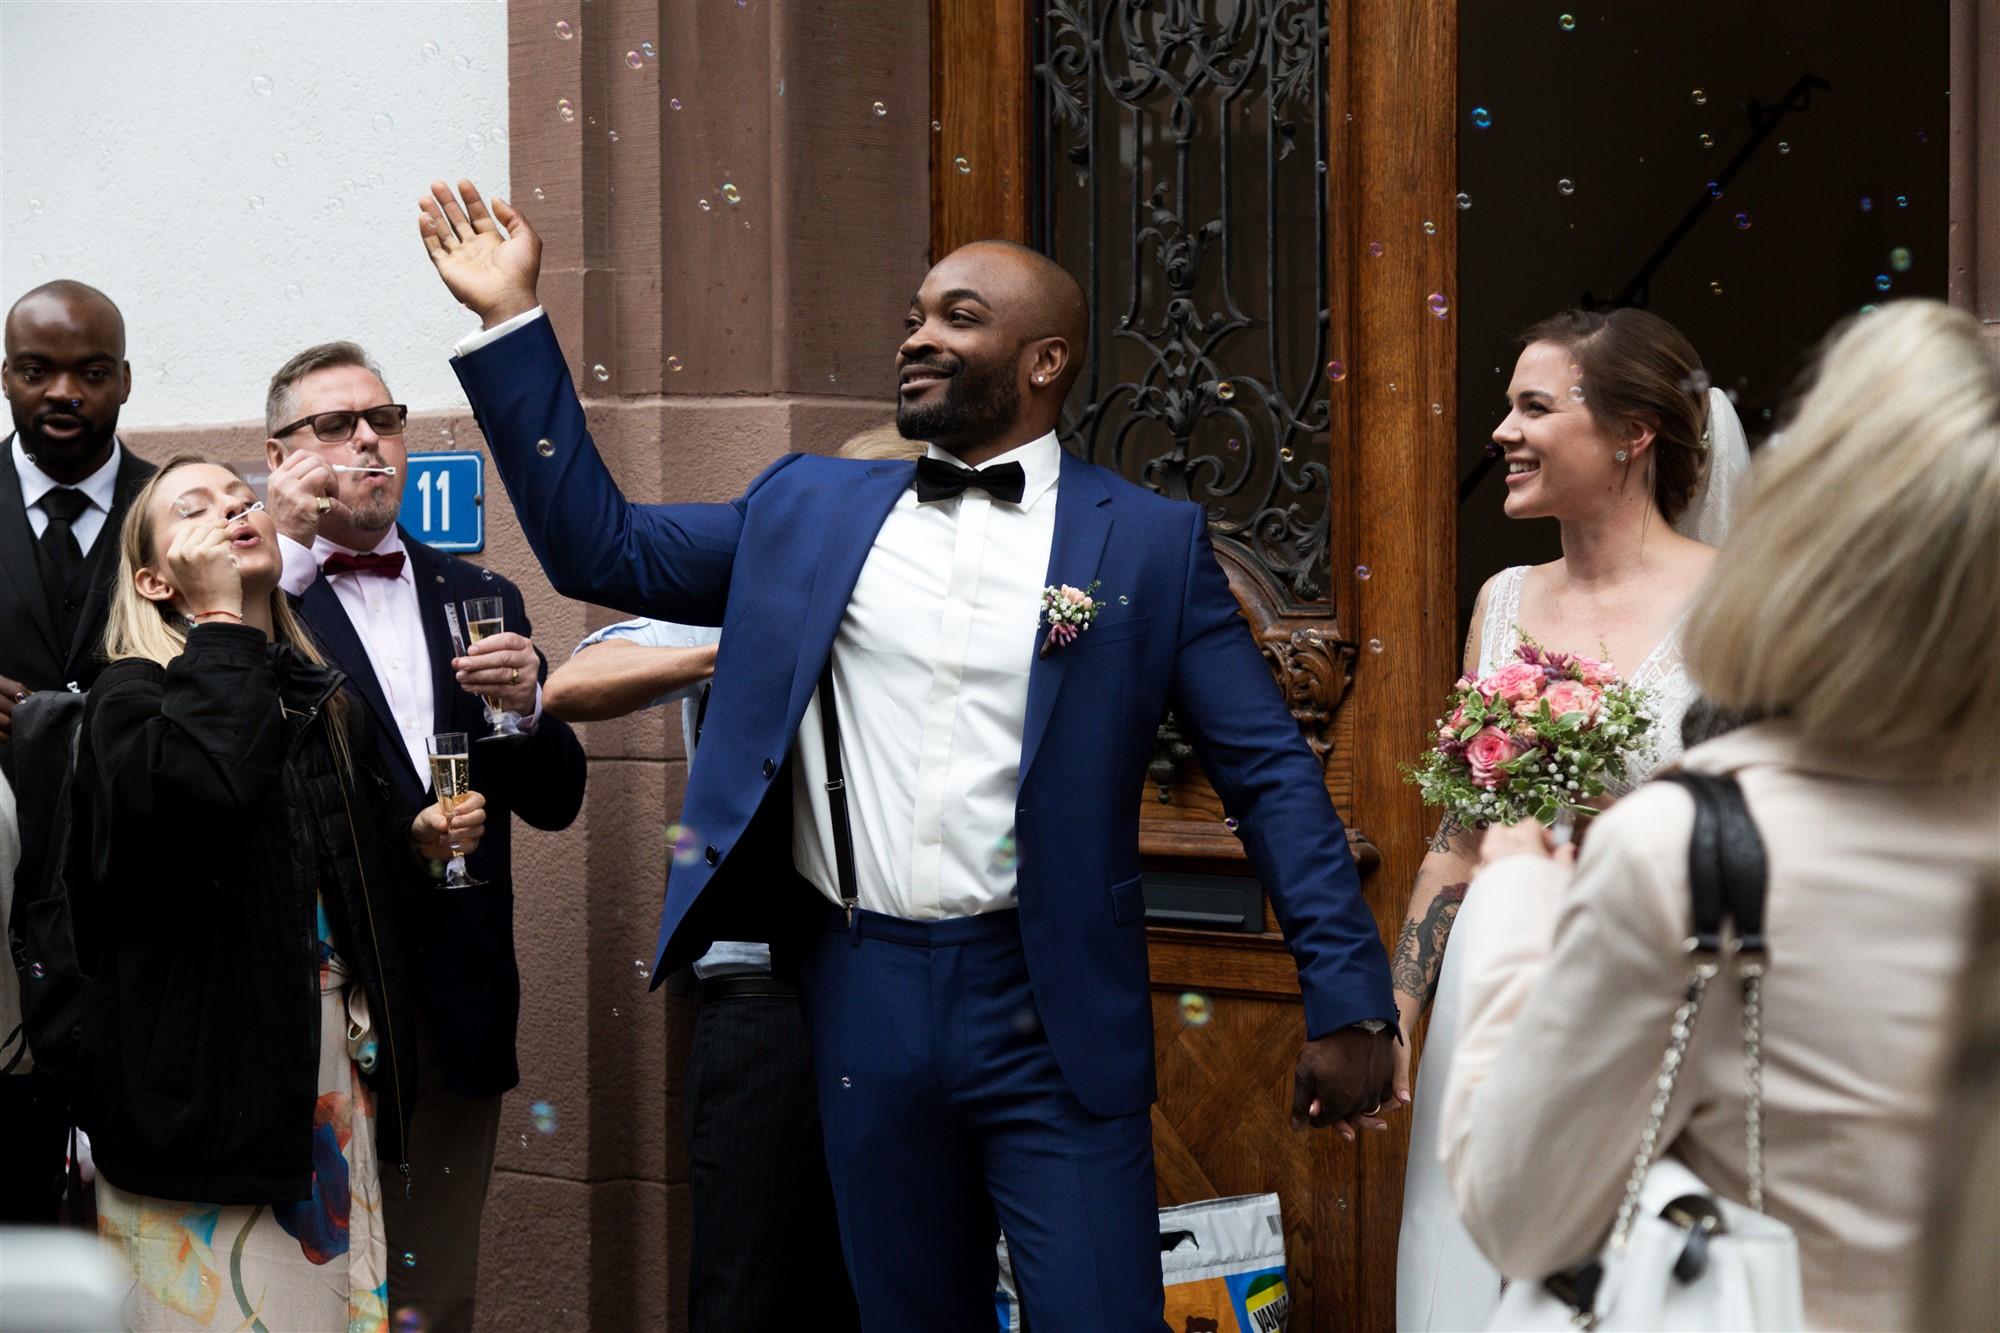 Der Auszug des Brautpaares nach der zivilen Trauung